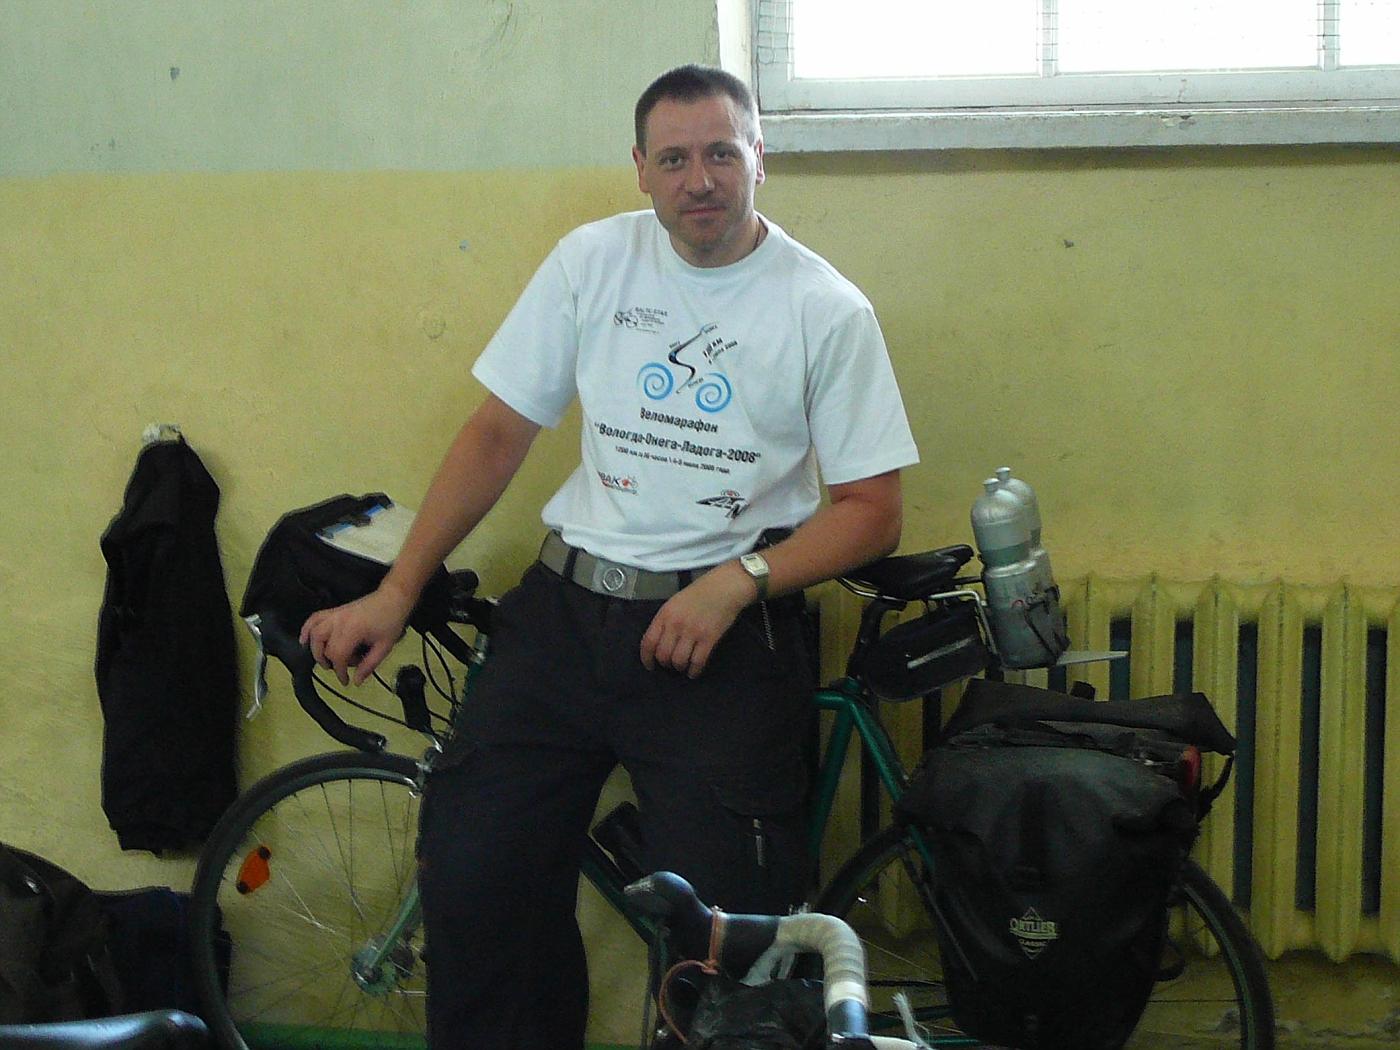 Zufriedener Frank mit seinem Bike